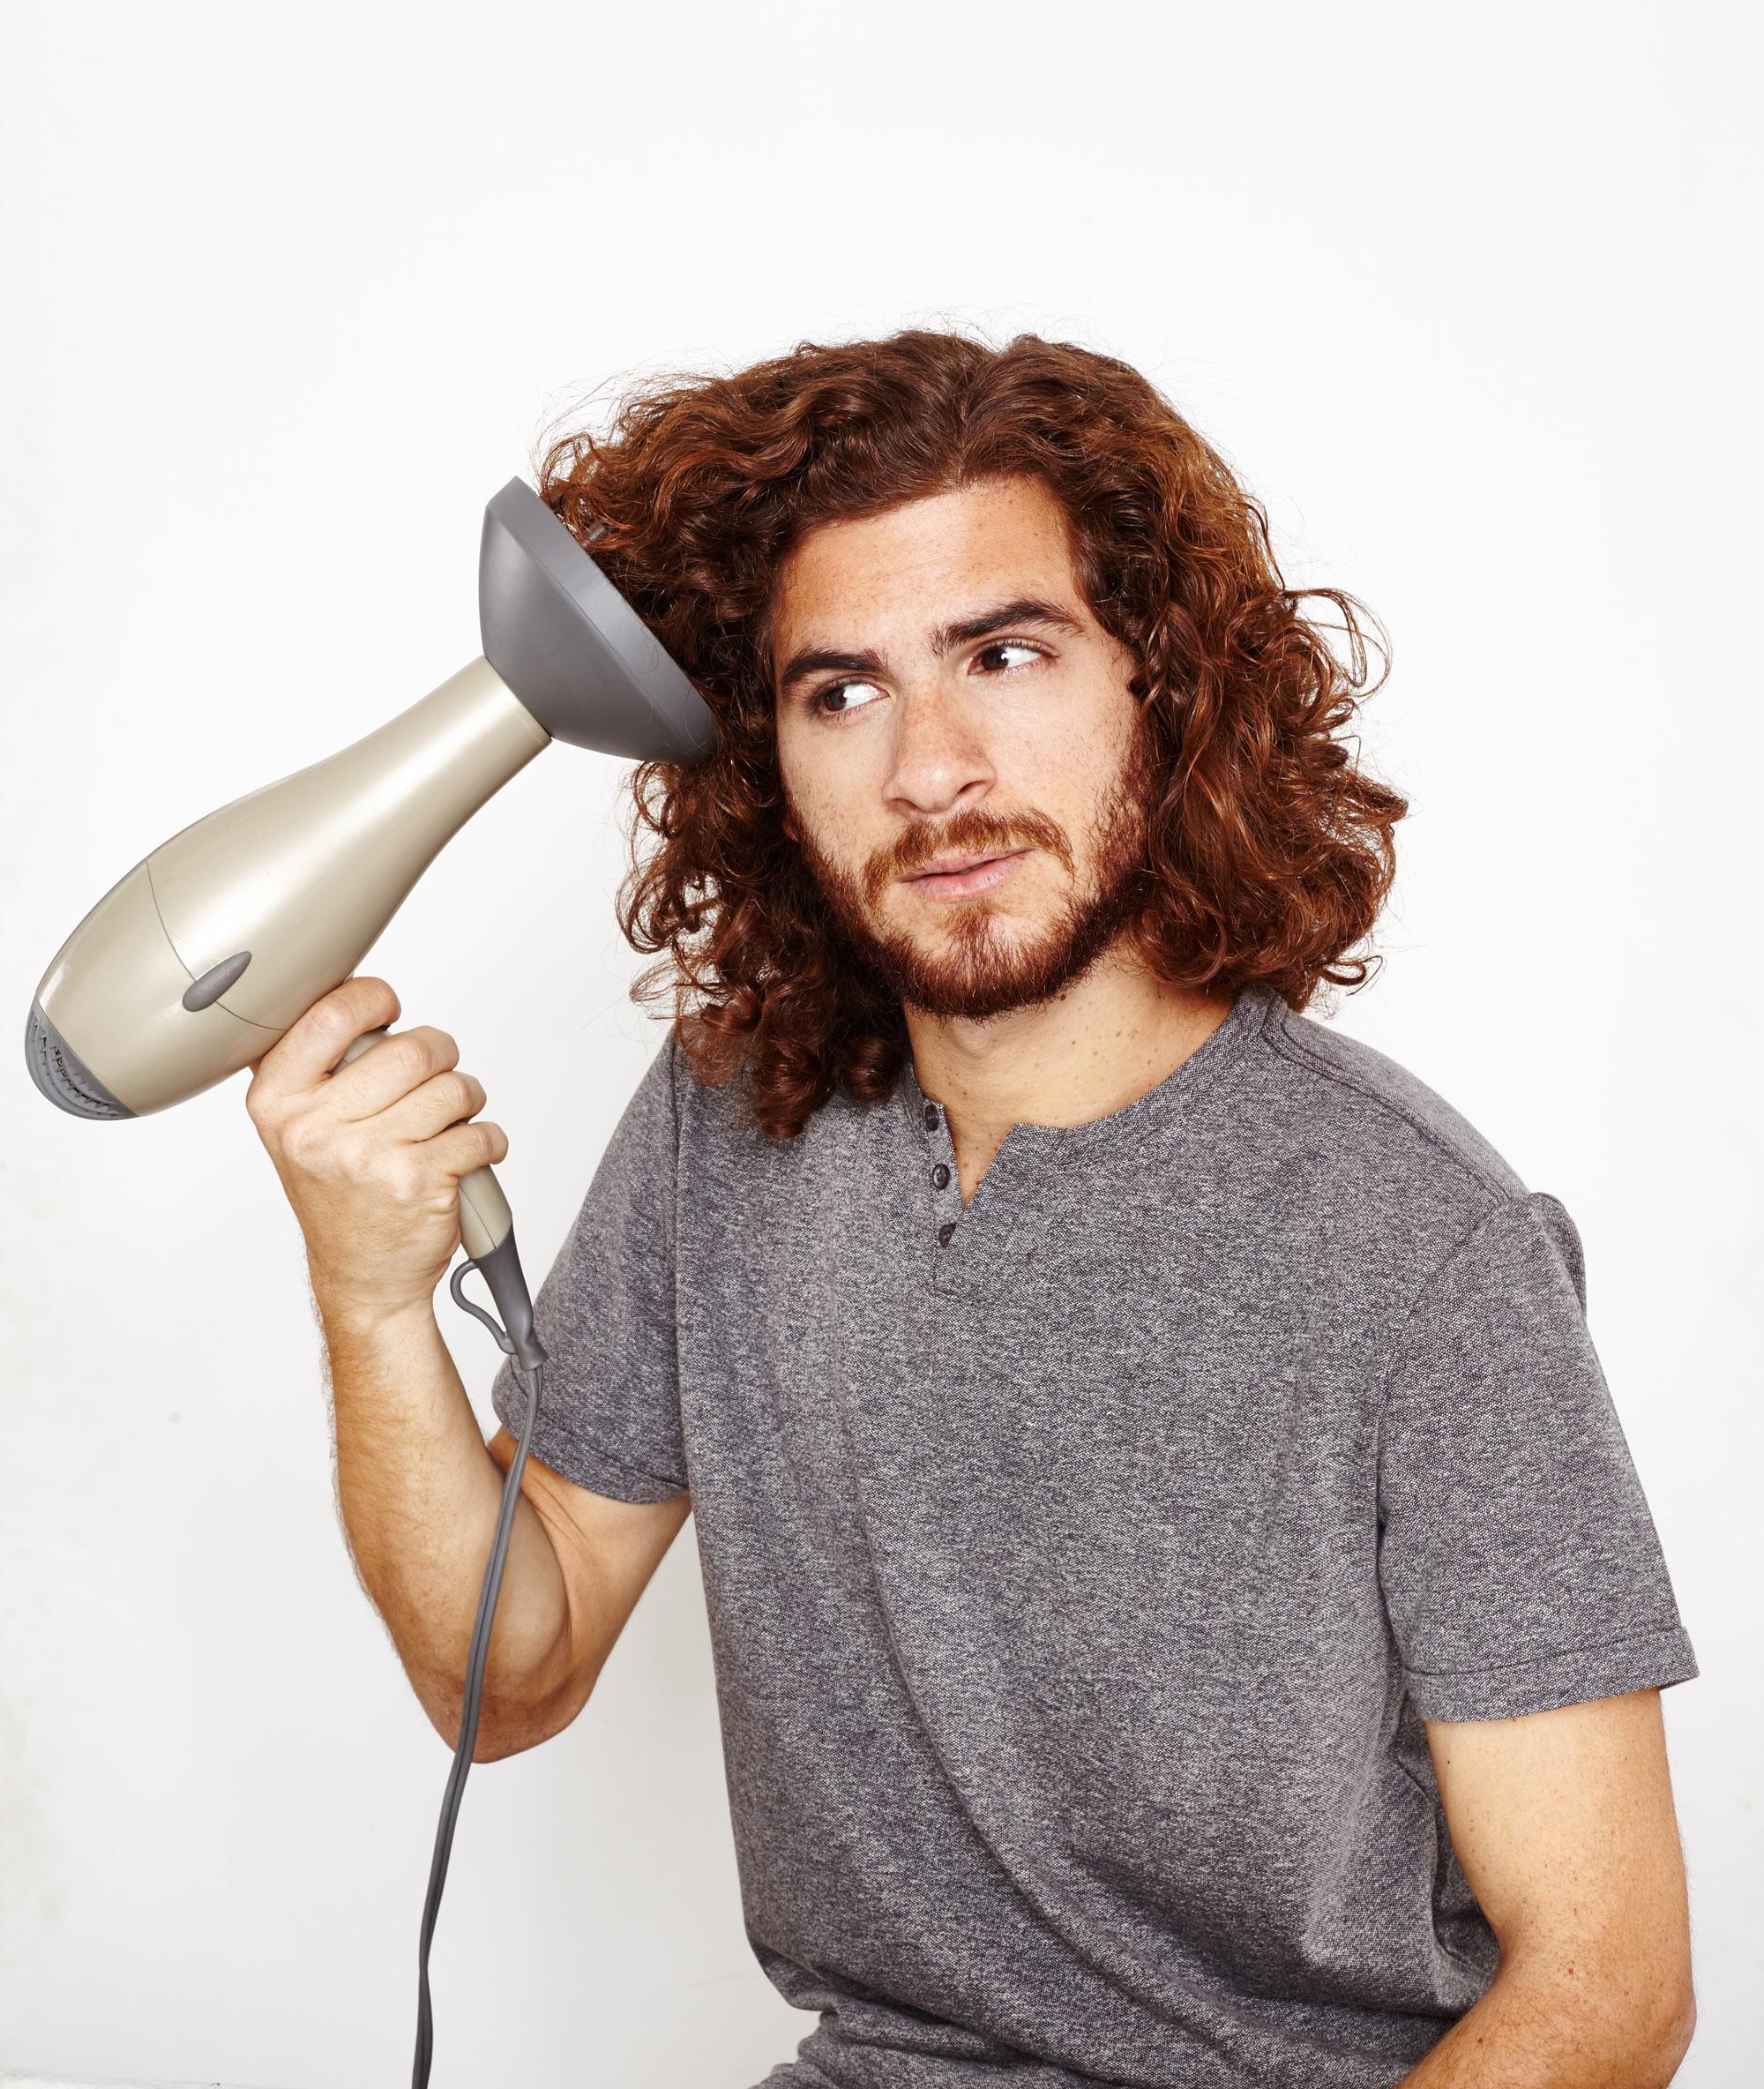 Homem usa secador com difusor para definir cachos no cabelo masculino